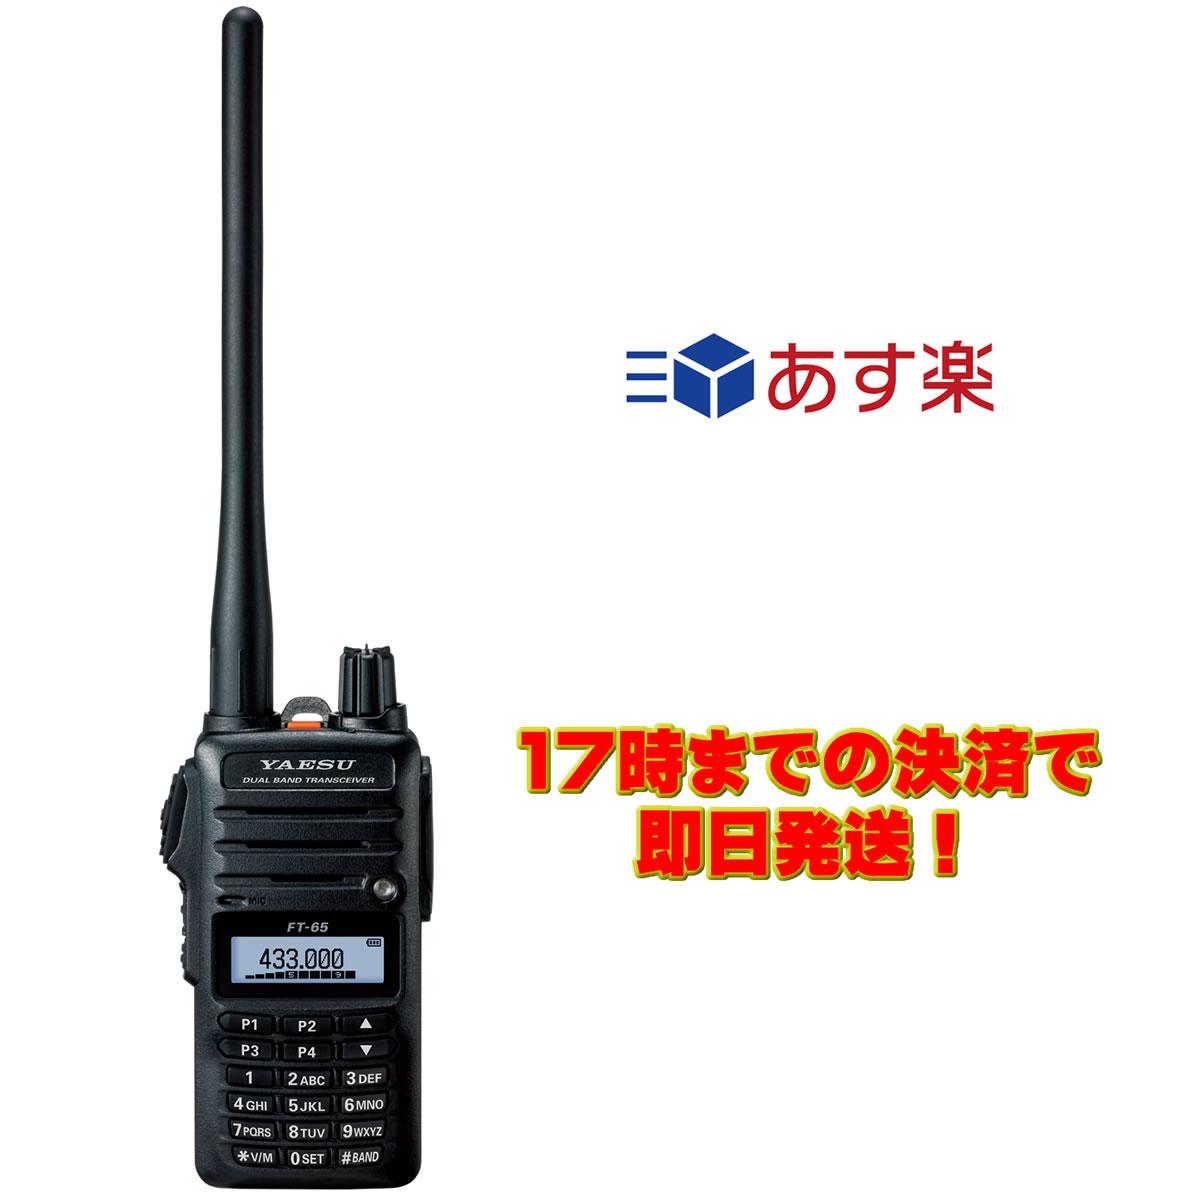 コンパクトサイズ 軽量ボディ 商い FT-65 八重洲無線 デュアルバンドFMトランシーバー メーカー公式 430MHz 144